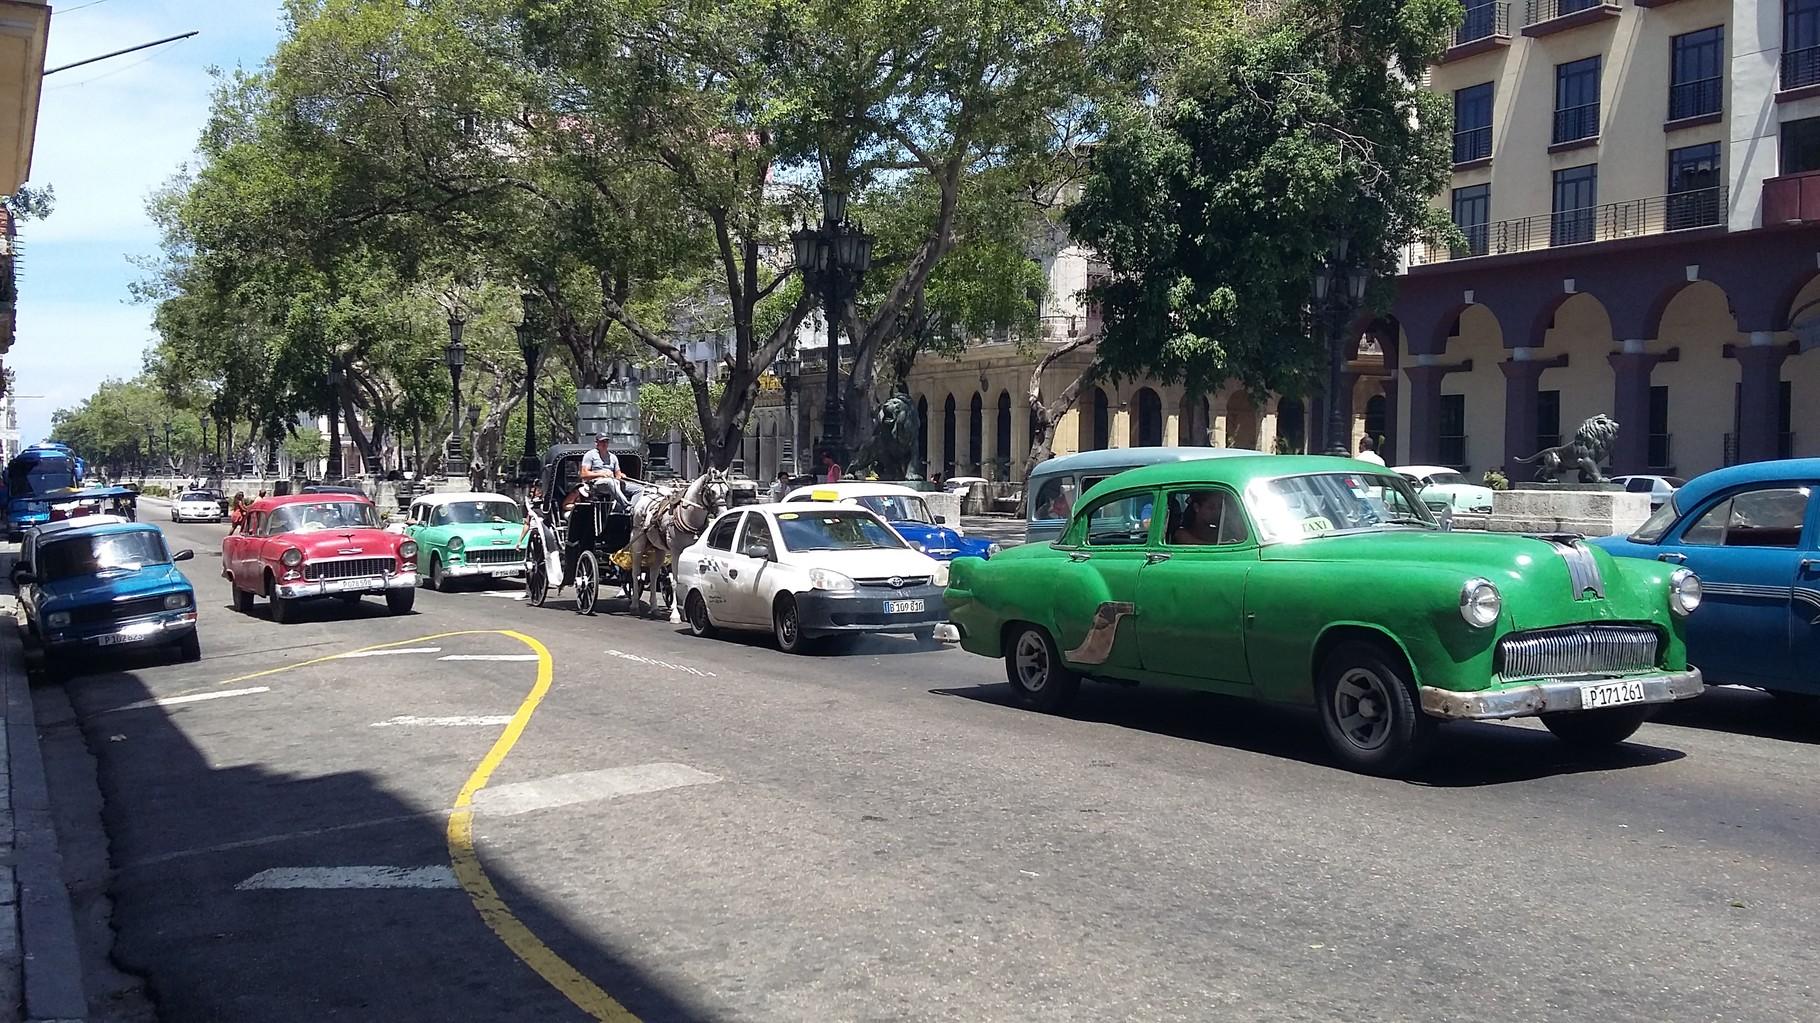 Las calles de La Habana son muy seguras para caminar y apreciar su arquitectura colonial.